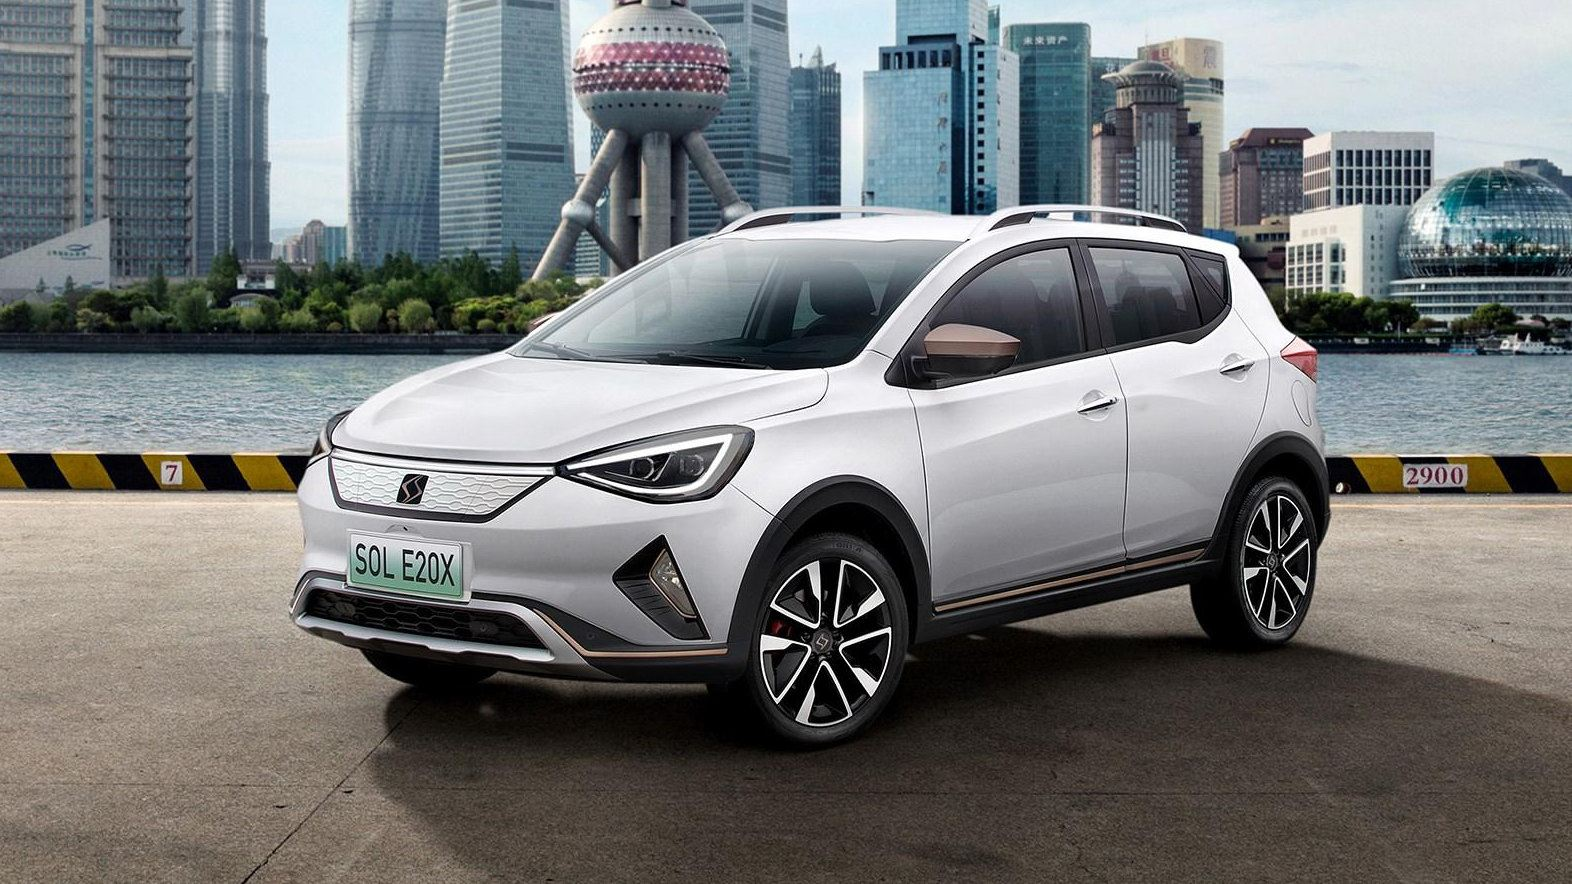 Ya sale el Sol E20X de la cadena de producción en China